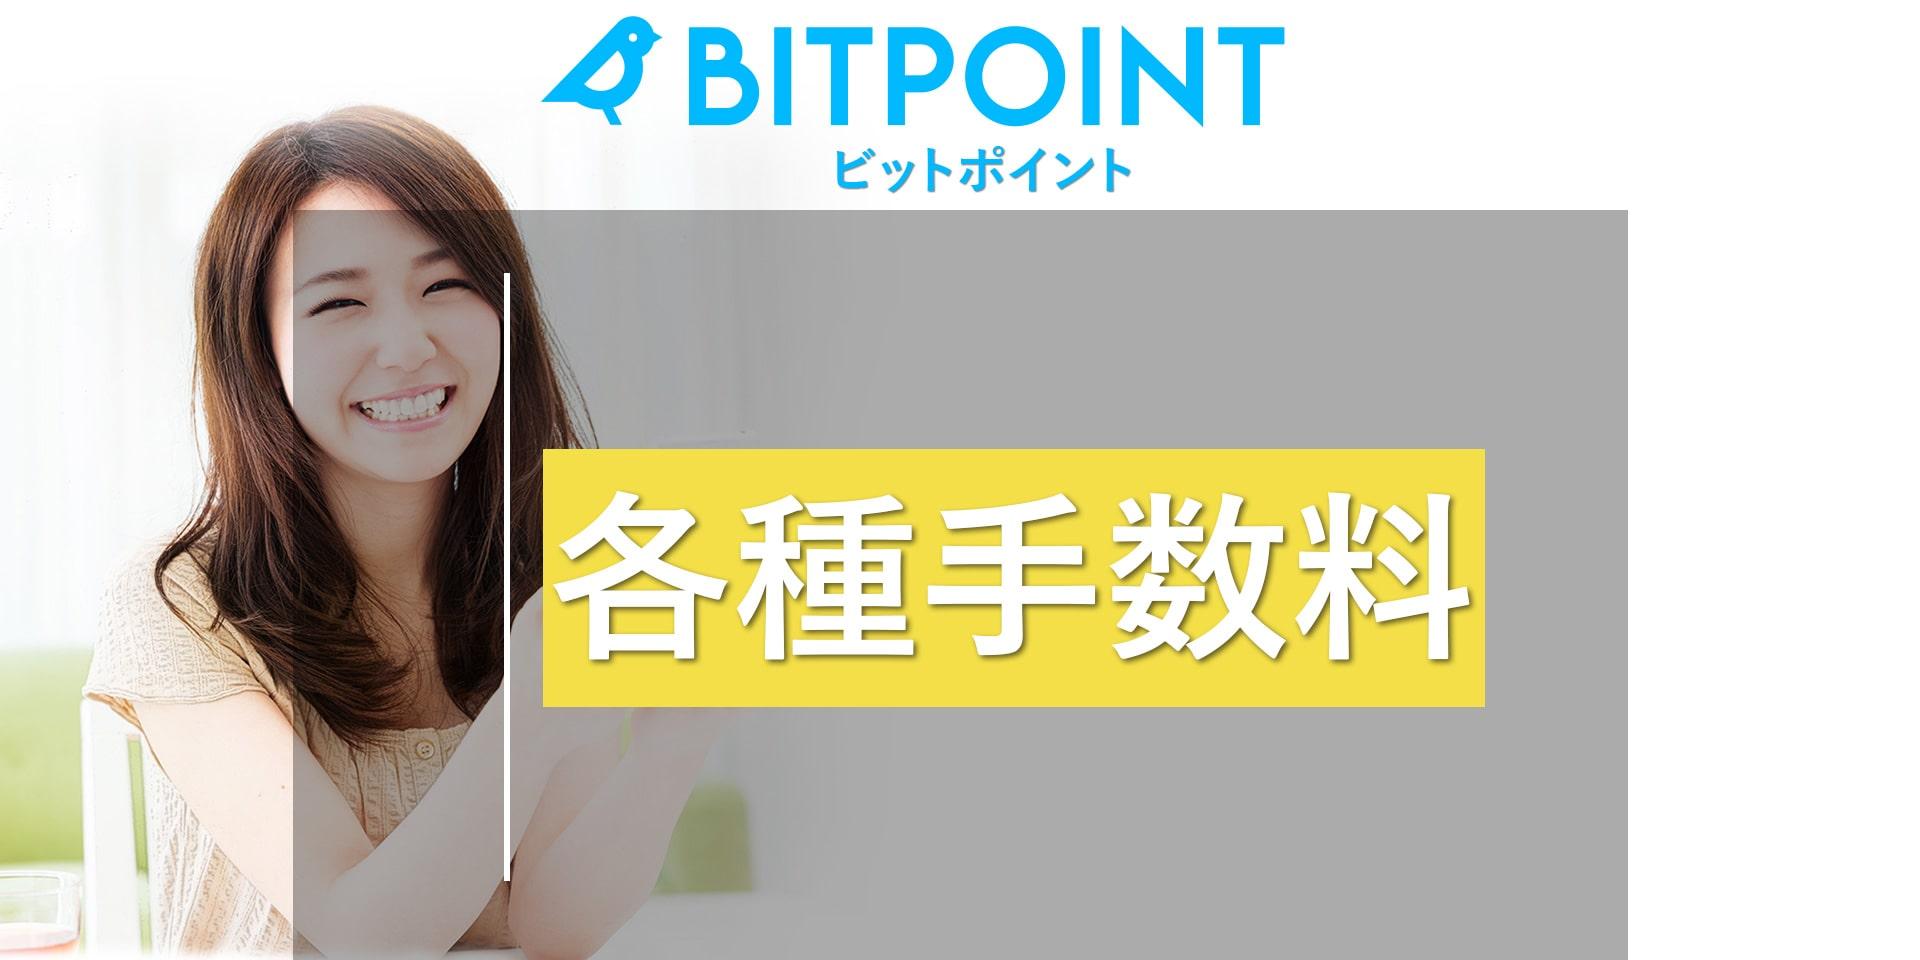 BITPoint(ビットポイント)の手数料を徹底解説!